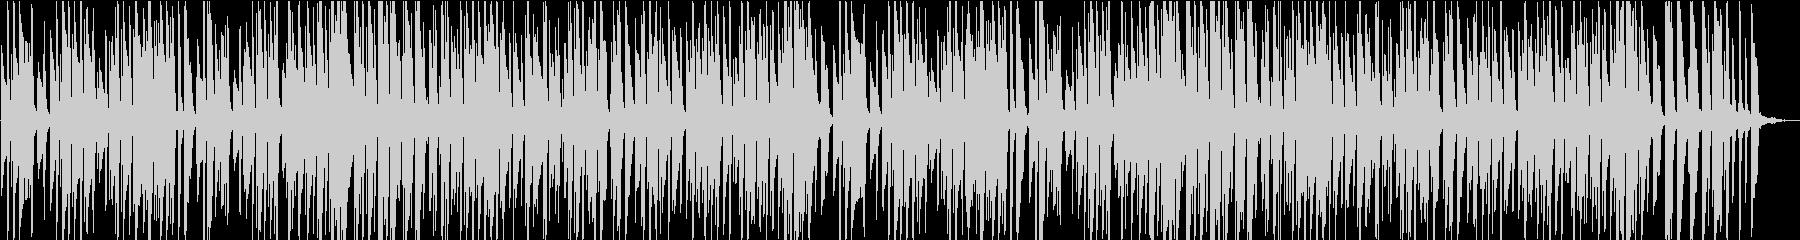 ほのぼのとしたリズムのピアノ楽曲の未再生の波形